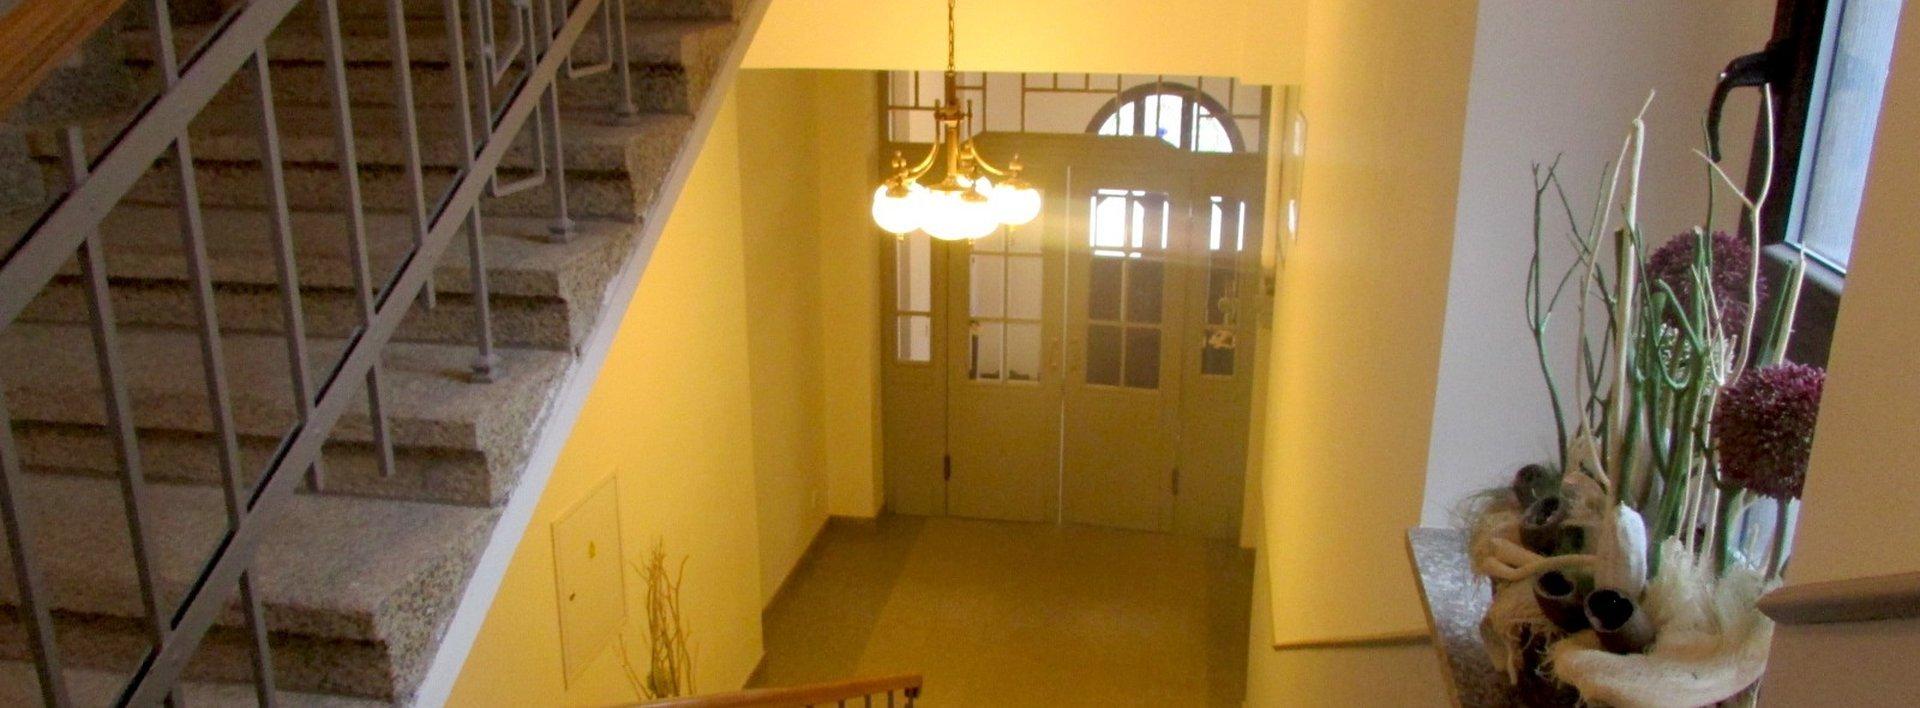 Pronájem prostoru 5+1, 136 m² k bydlení či podnikáníní - Liberec, ul. Vzdušná, Ev.č.: N47958